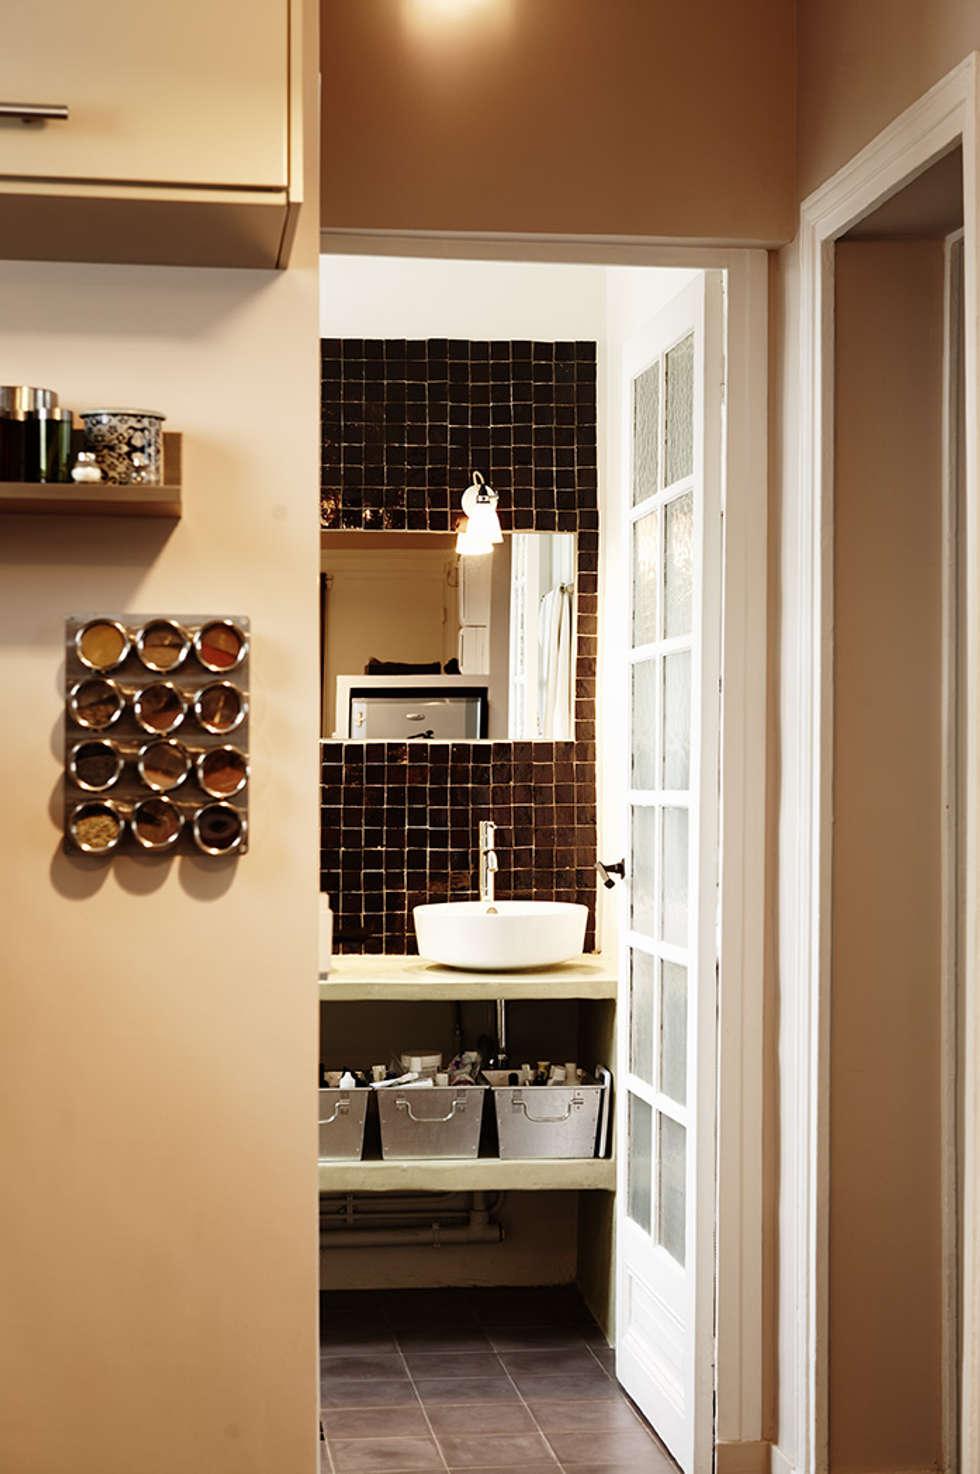 Salle de bain en zellige brun et tadelakt: Salle de bains de style  par Agence KP